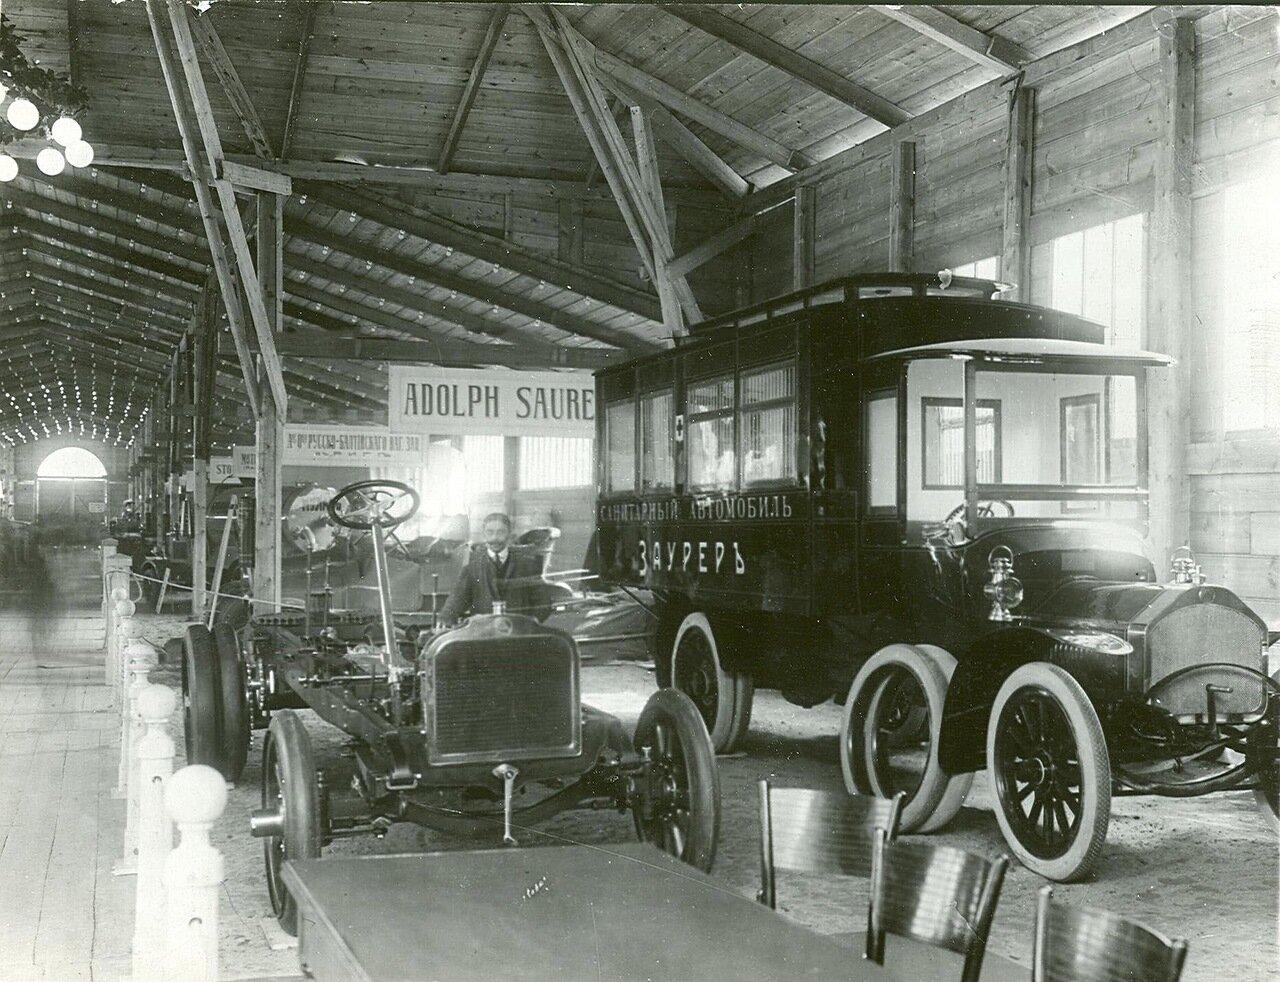 66. Часть выставочного зала  на первом плане - автомобили фирмы Адольфа Заурера